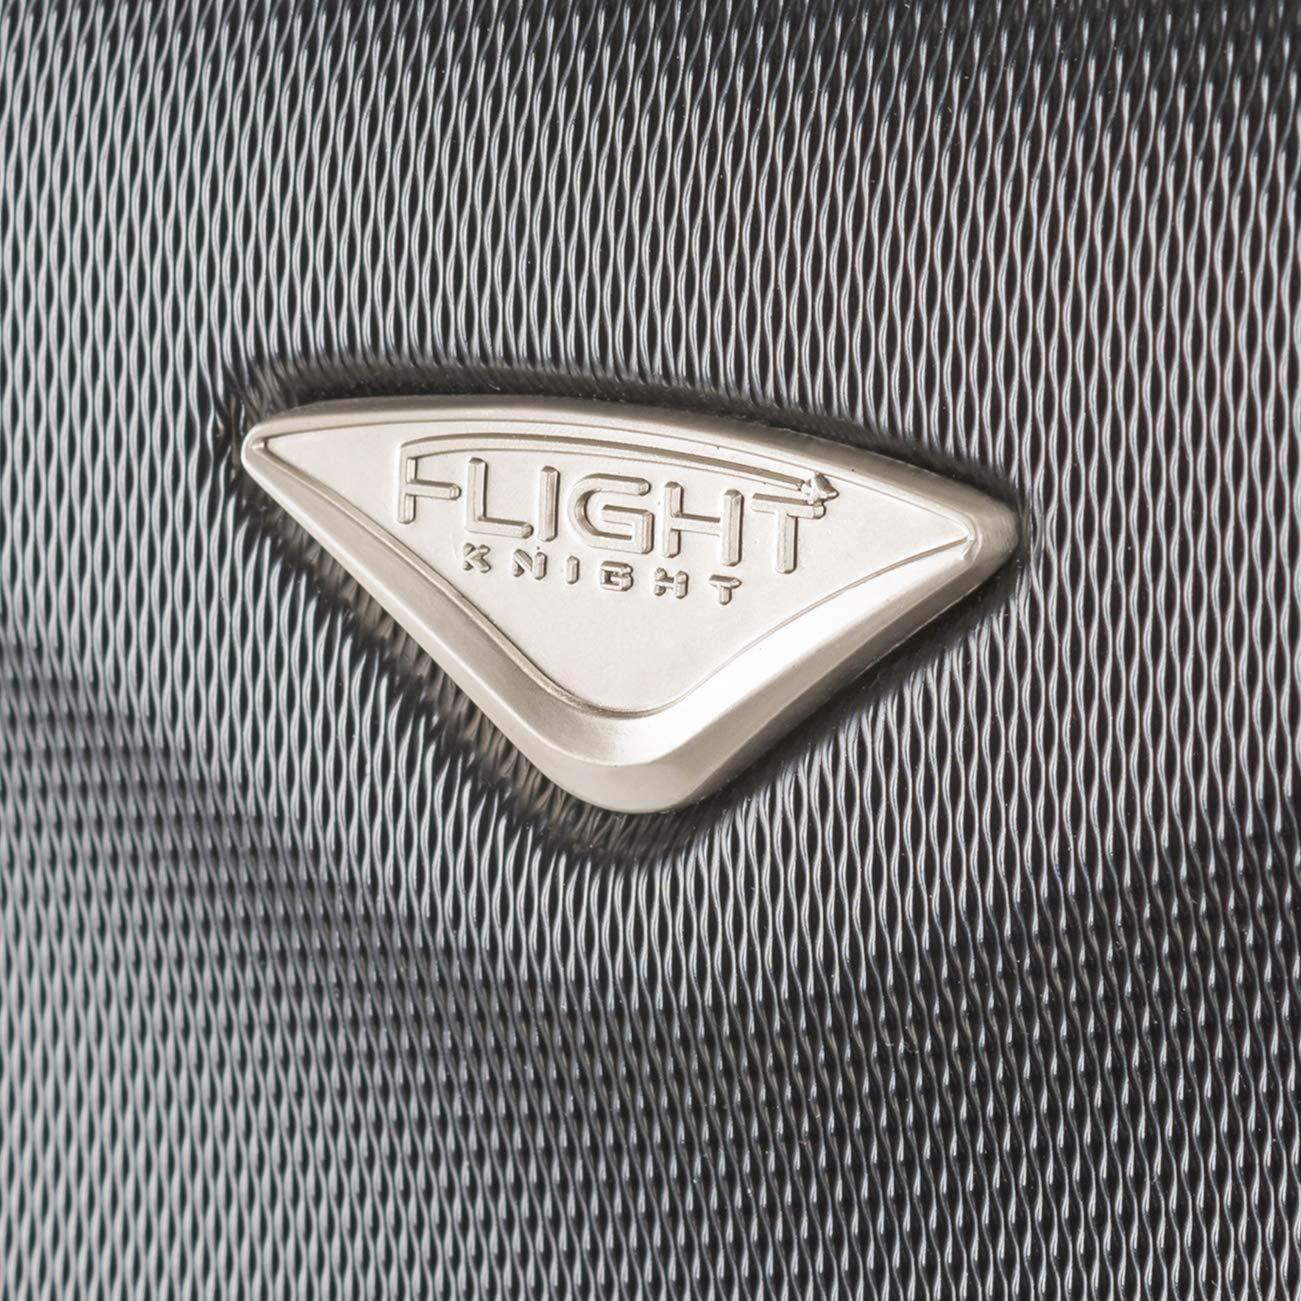 Flight Knight ABS Valise Cabine 55x35x20 cm Compatible avec Air France easyJet Bagage /à Main L/ég/ère Sac Cabine avec 8 Roues. Hop RyanAir Et Bien dautres